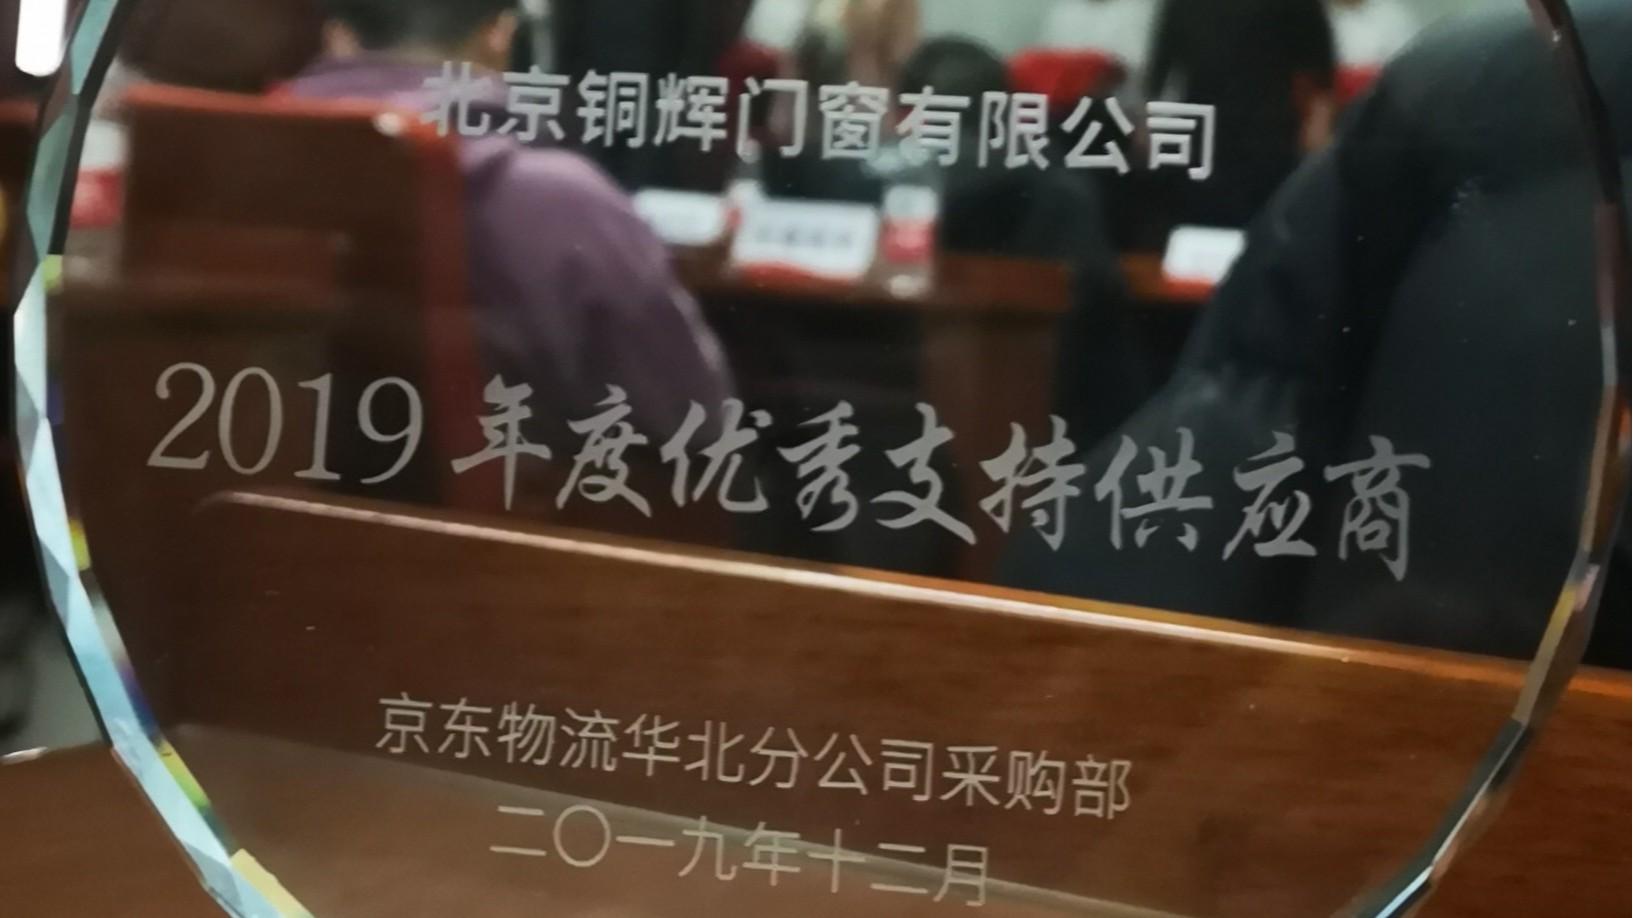 铜辉门窗荣获京东物流年度支持供应商荣誉